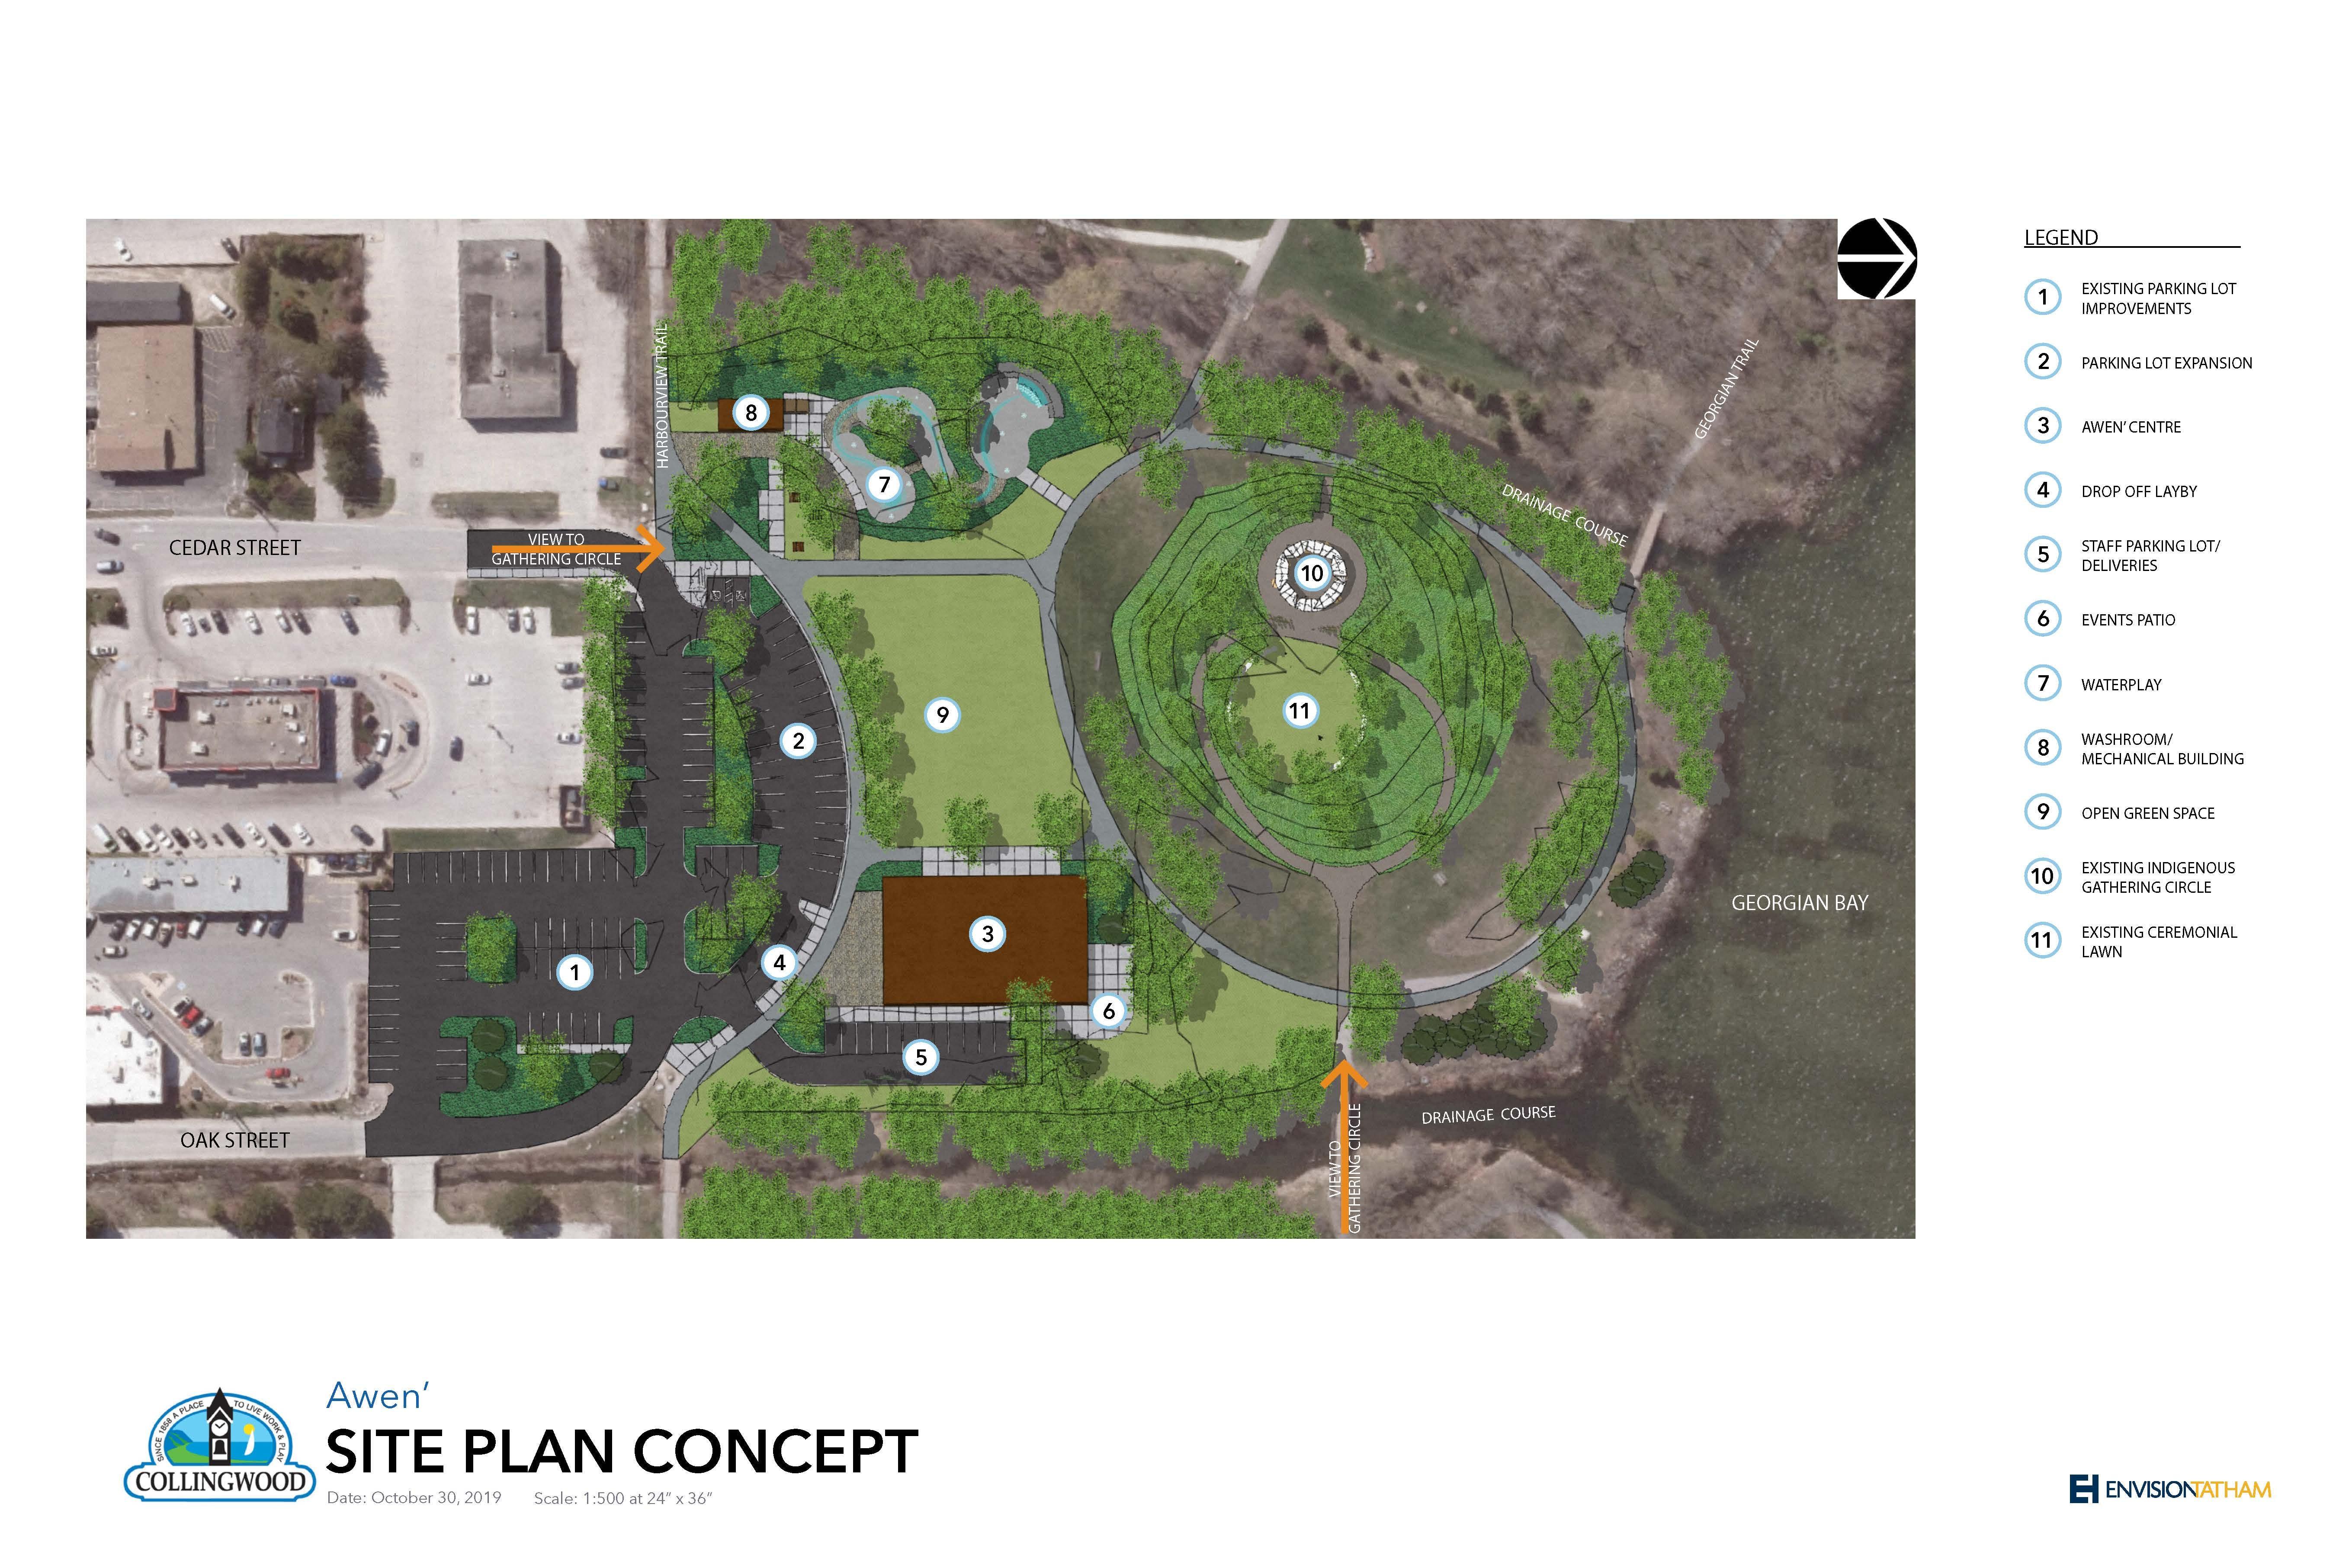 Awen Site Plan Concept